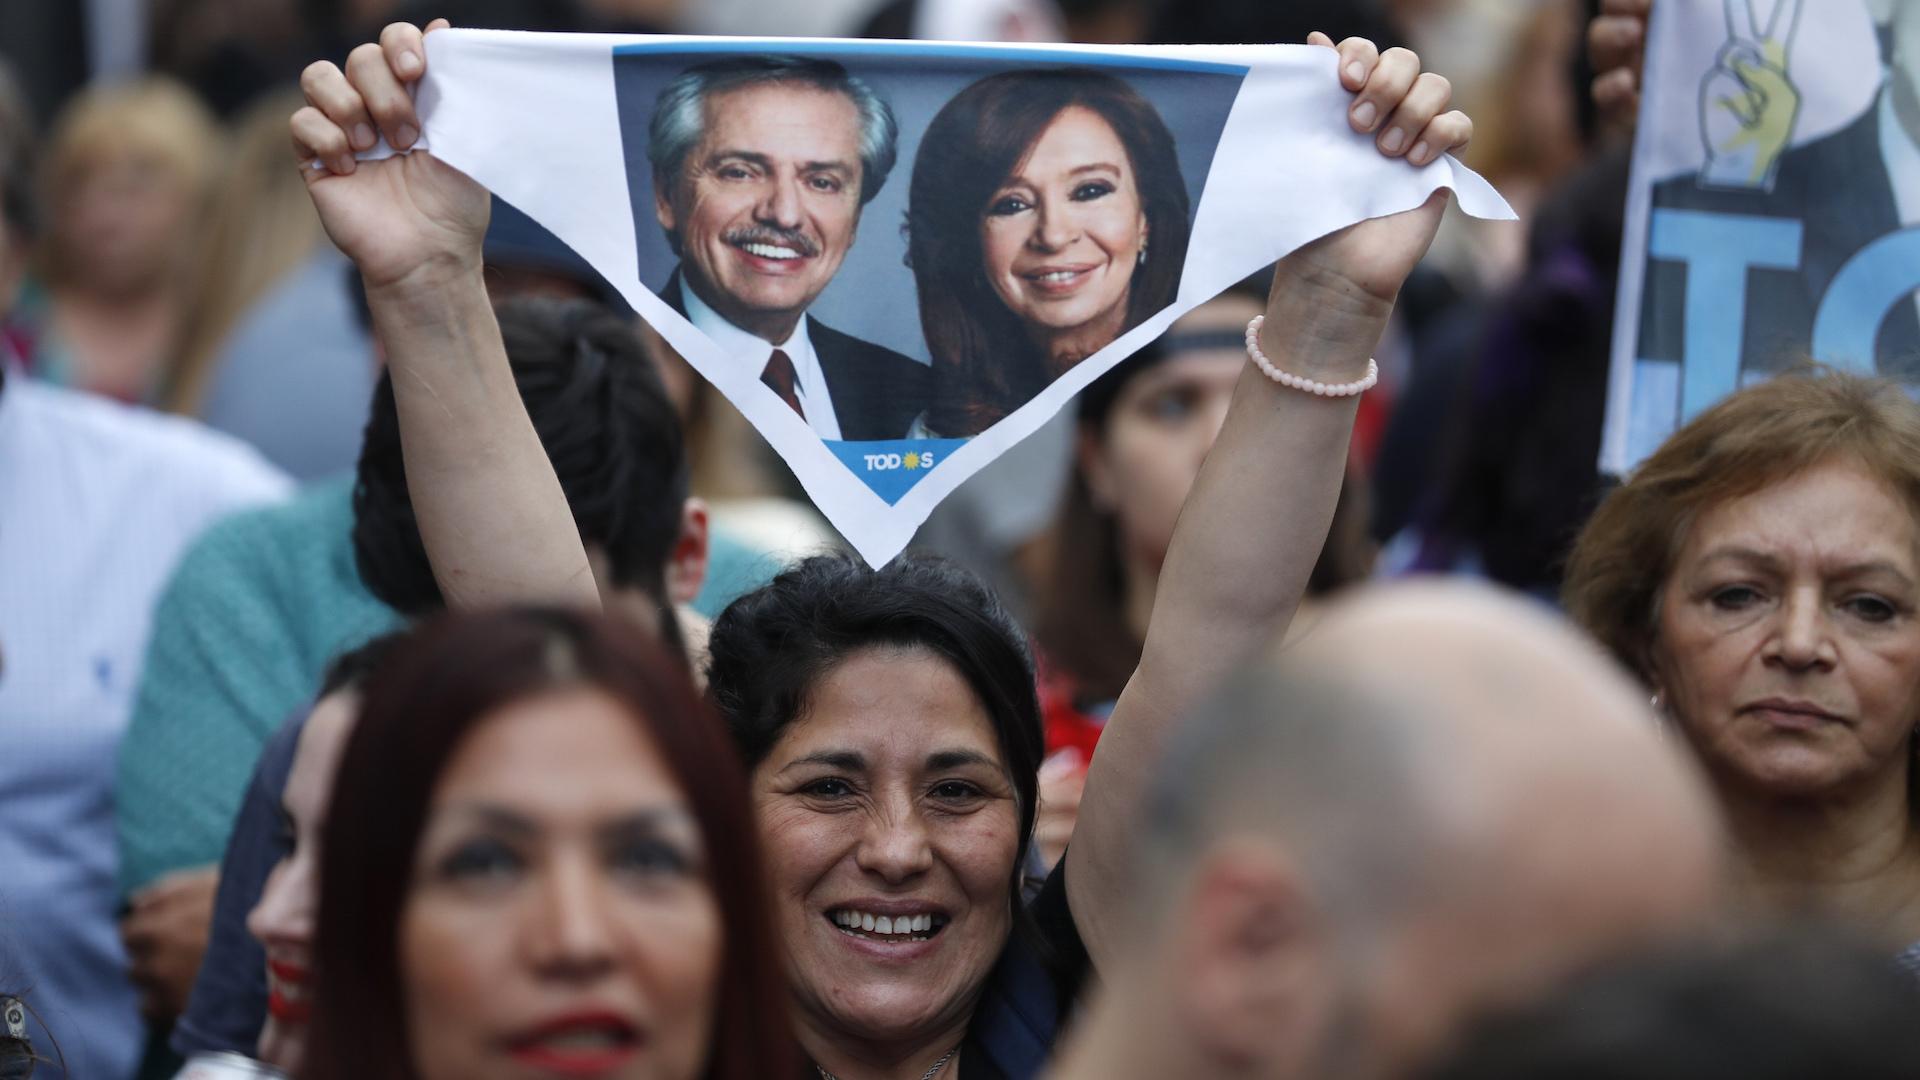 Alberto Fernández gana elecciones presidenciales en Argentina, según primeros datos oficiales